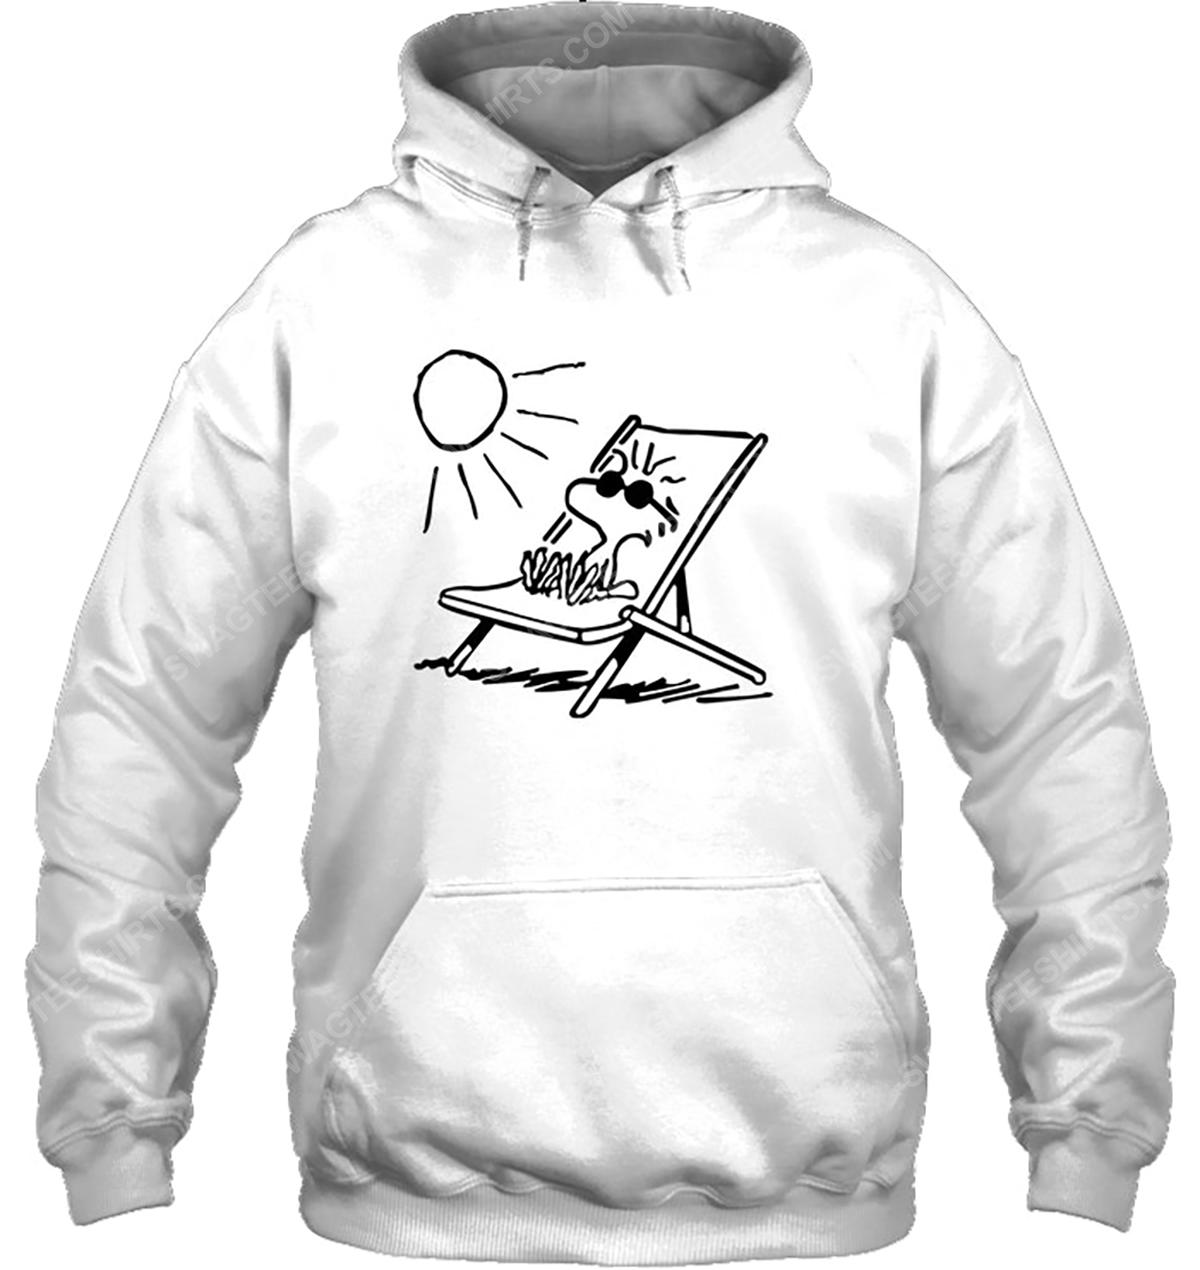 The peanuts woodstock enjoy the sun hoodie 1